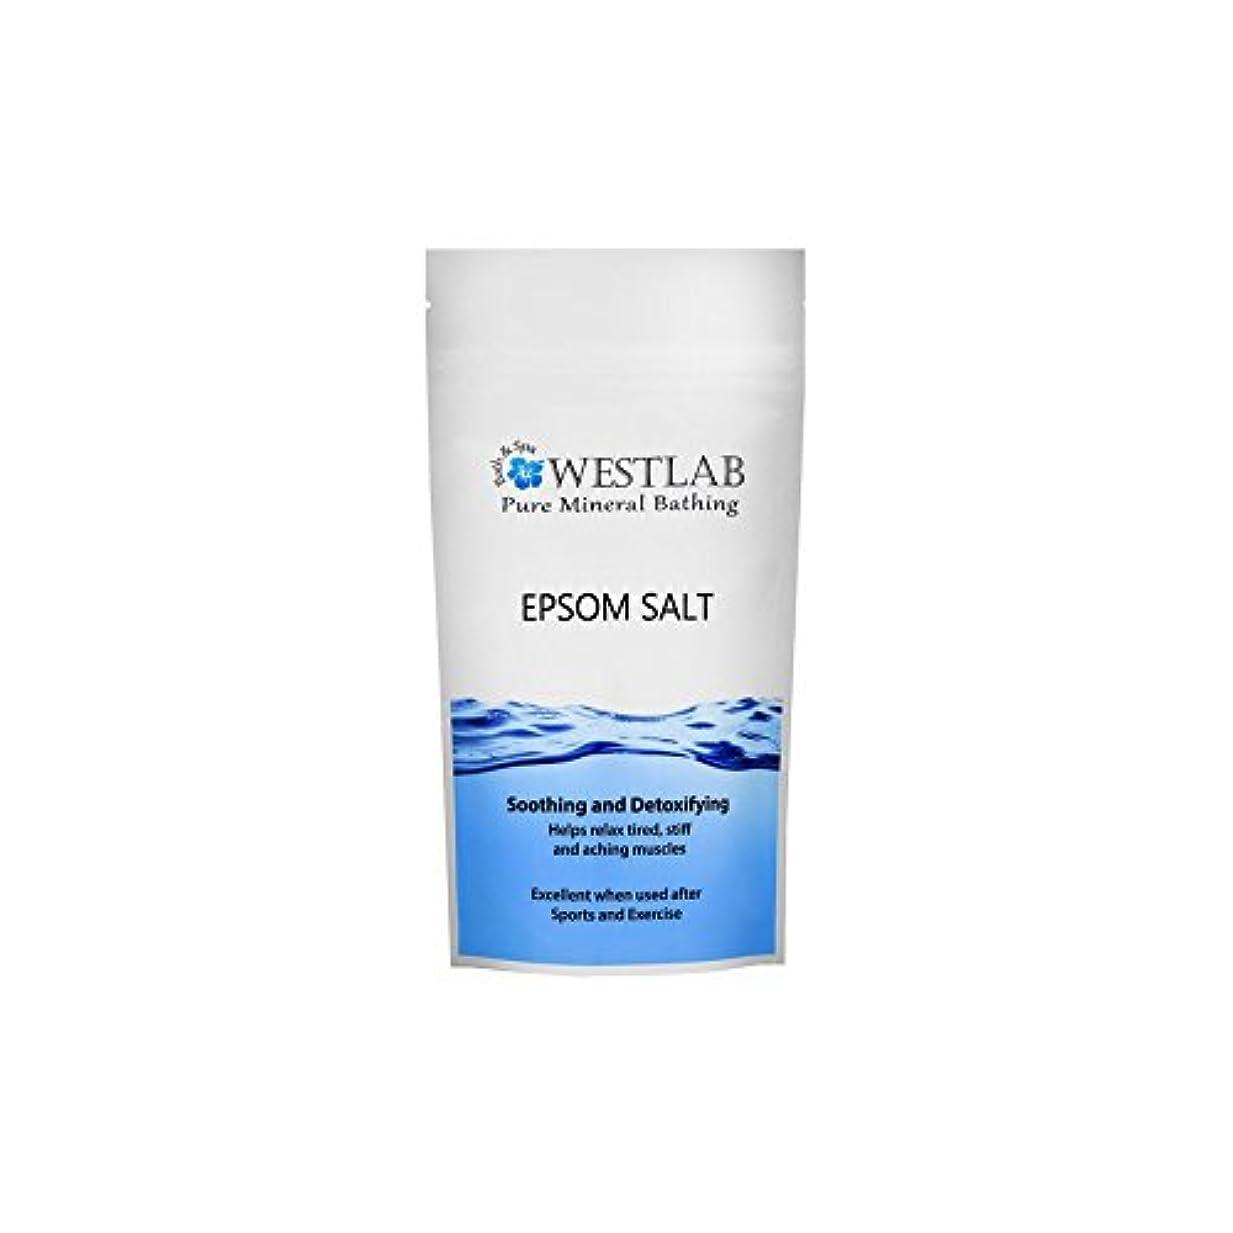 滴下確実器具エプソム塩の2キロ x4 - Westlab Epsom Salt 2kg (Pack of 4) [並行輸入品]